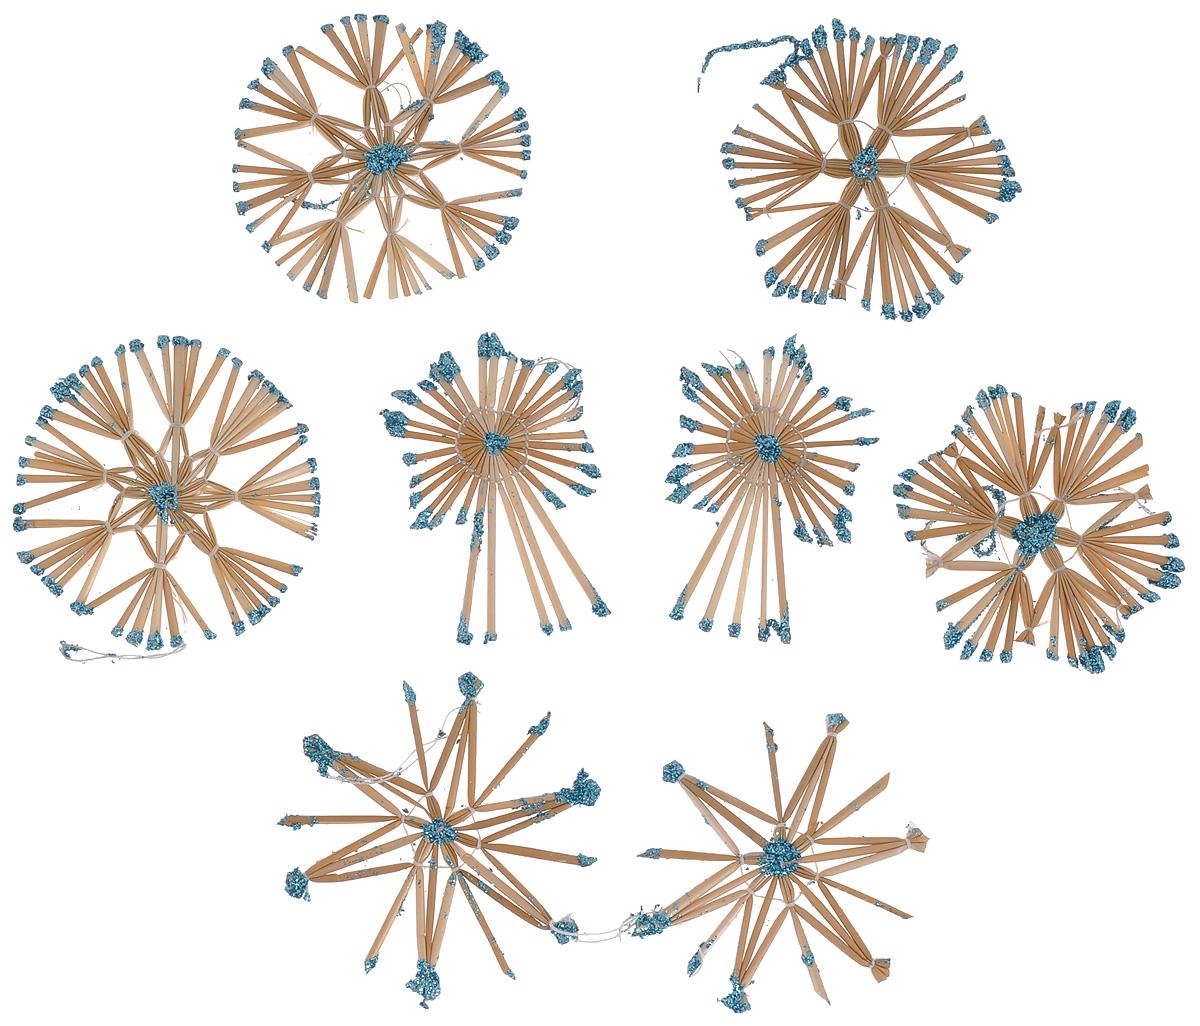 Набор новогодних подвесных украшений Феникс-презент Magic Time, цвет: бирюзовый, светло-коричневый, 8 шт39440Набор Феникс-презент Magic Time, состоящий из 8 новогодних подвесных украшений, отлично подойдет для декорации вашего дома и новогодней ели. Изделиявыполнены из соломы в виде снежинок и звезд, оформленных блестками. Украшения имеют специальные петельки для подвешивания. Коллекция декоративных украшений Феникс-презент Magic Time принесет в ваш дом ни с чем не сравнимое ощущение праздника!Средний размер украшения: 8,5 см х 8,5 см.